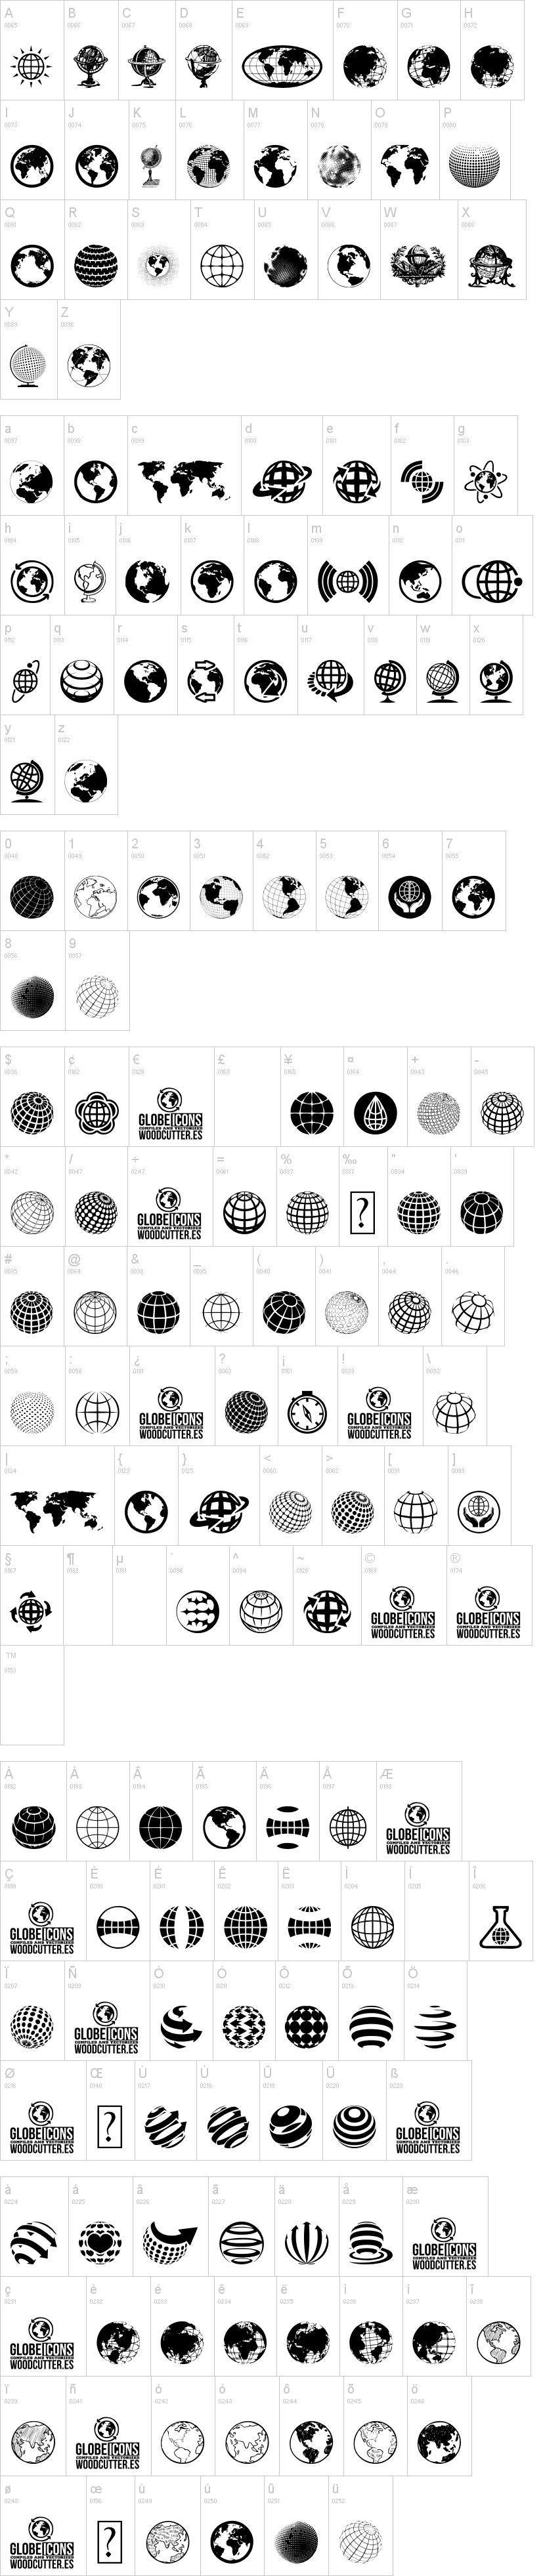 Globe Icons Font | dafont com